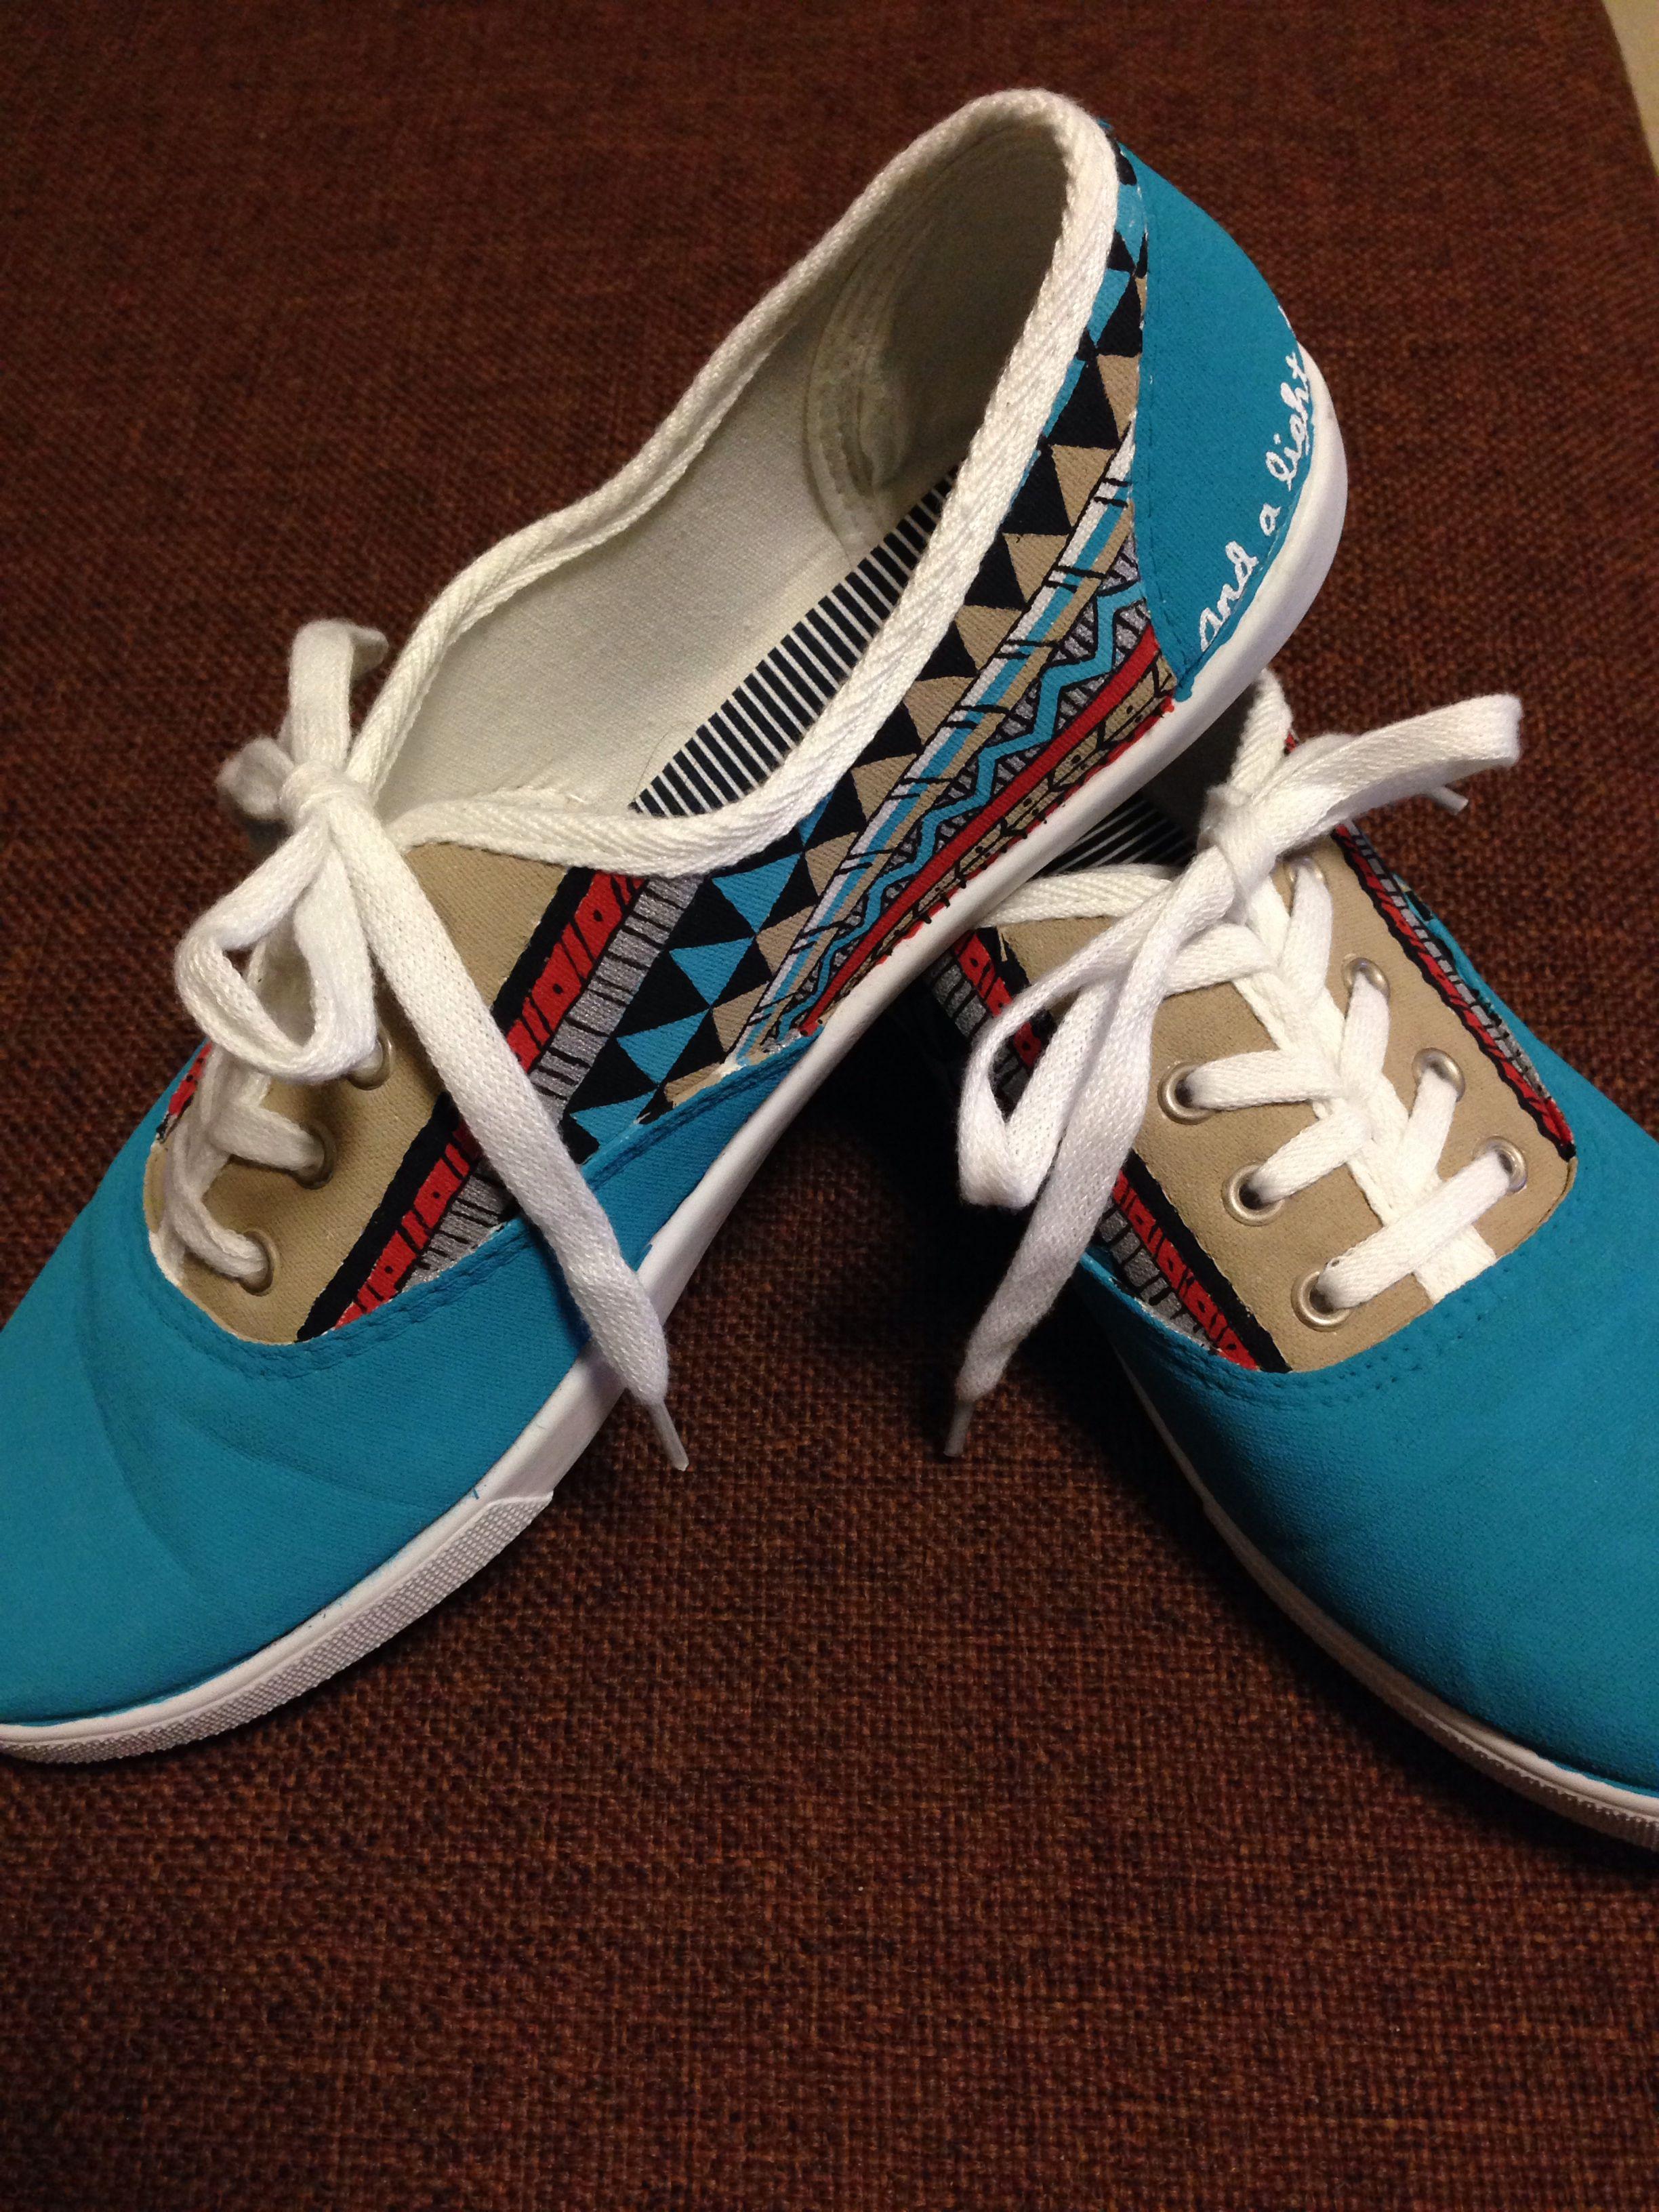 6 walmart white canvas shoes painted aztec print